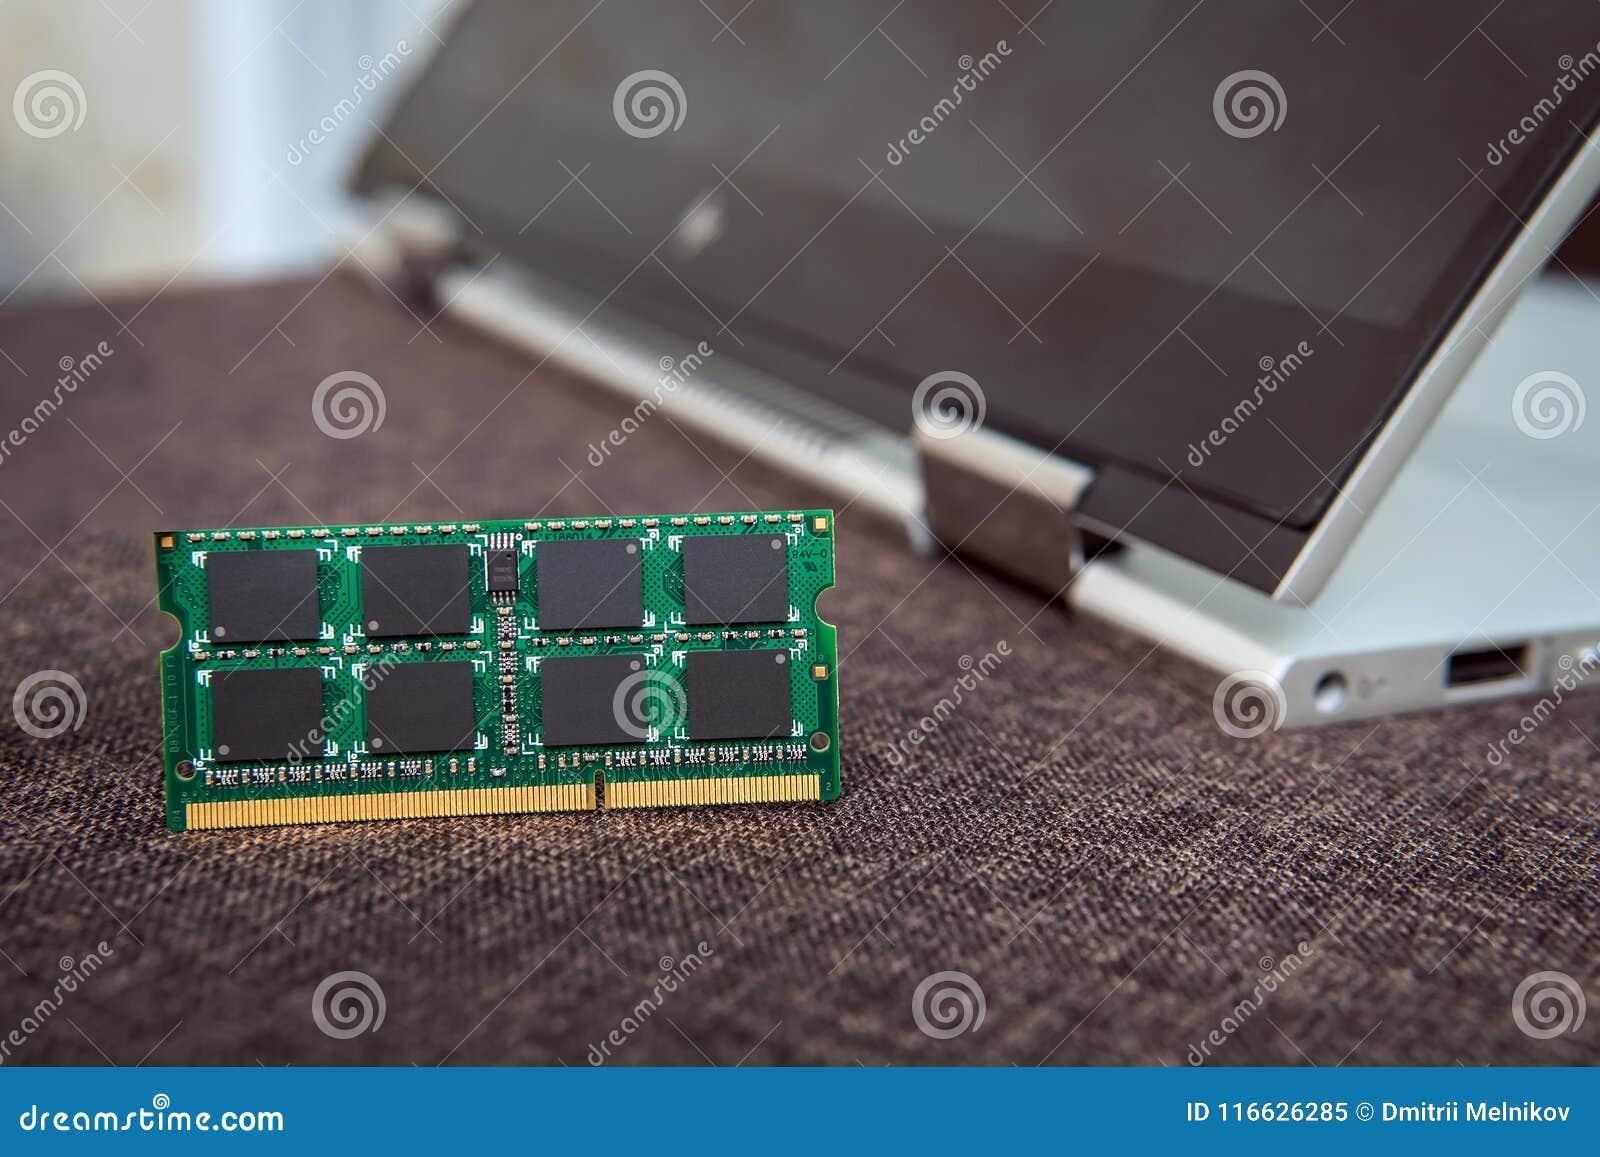 ГДР для современных устройств белизна отвертки ремонта машиннаяа графика переходники изолированная Увеличьте количество памяти дл